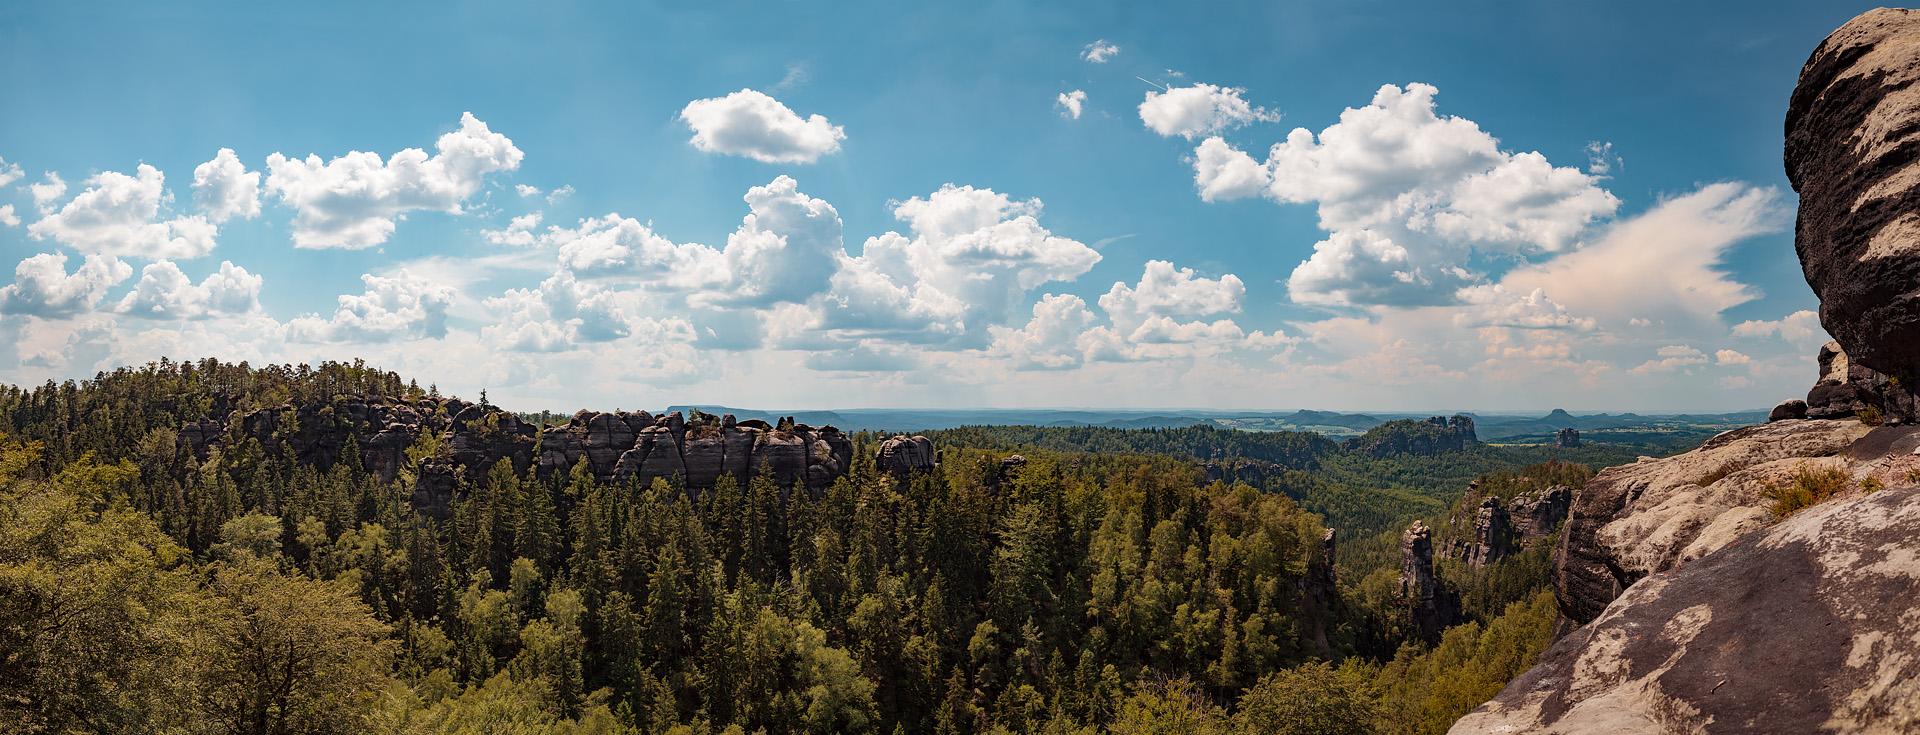 landschaftsfotograf-top-fotografie.jpg